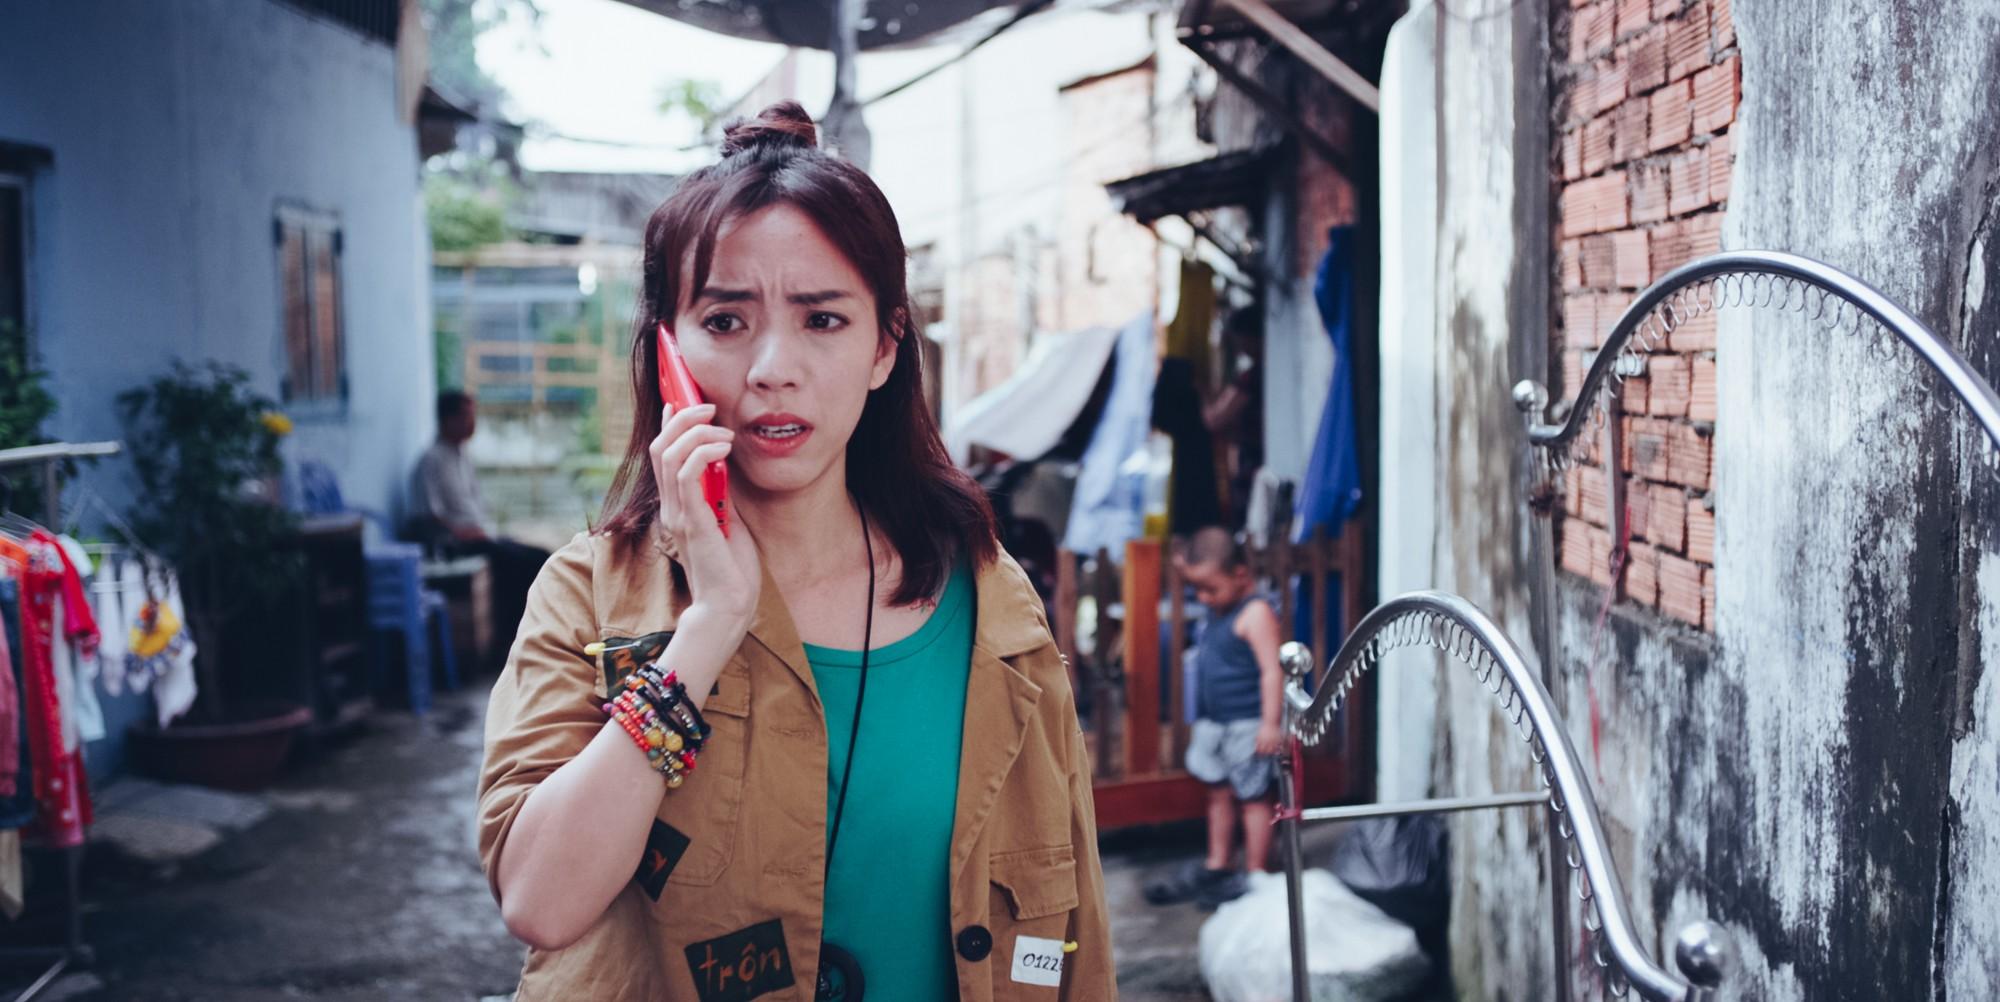 798Mười - Lầy duyên dáng như phim Châu Tinh Trì! - Ảnh 5.